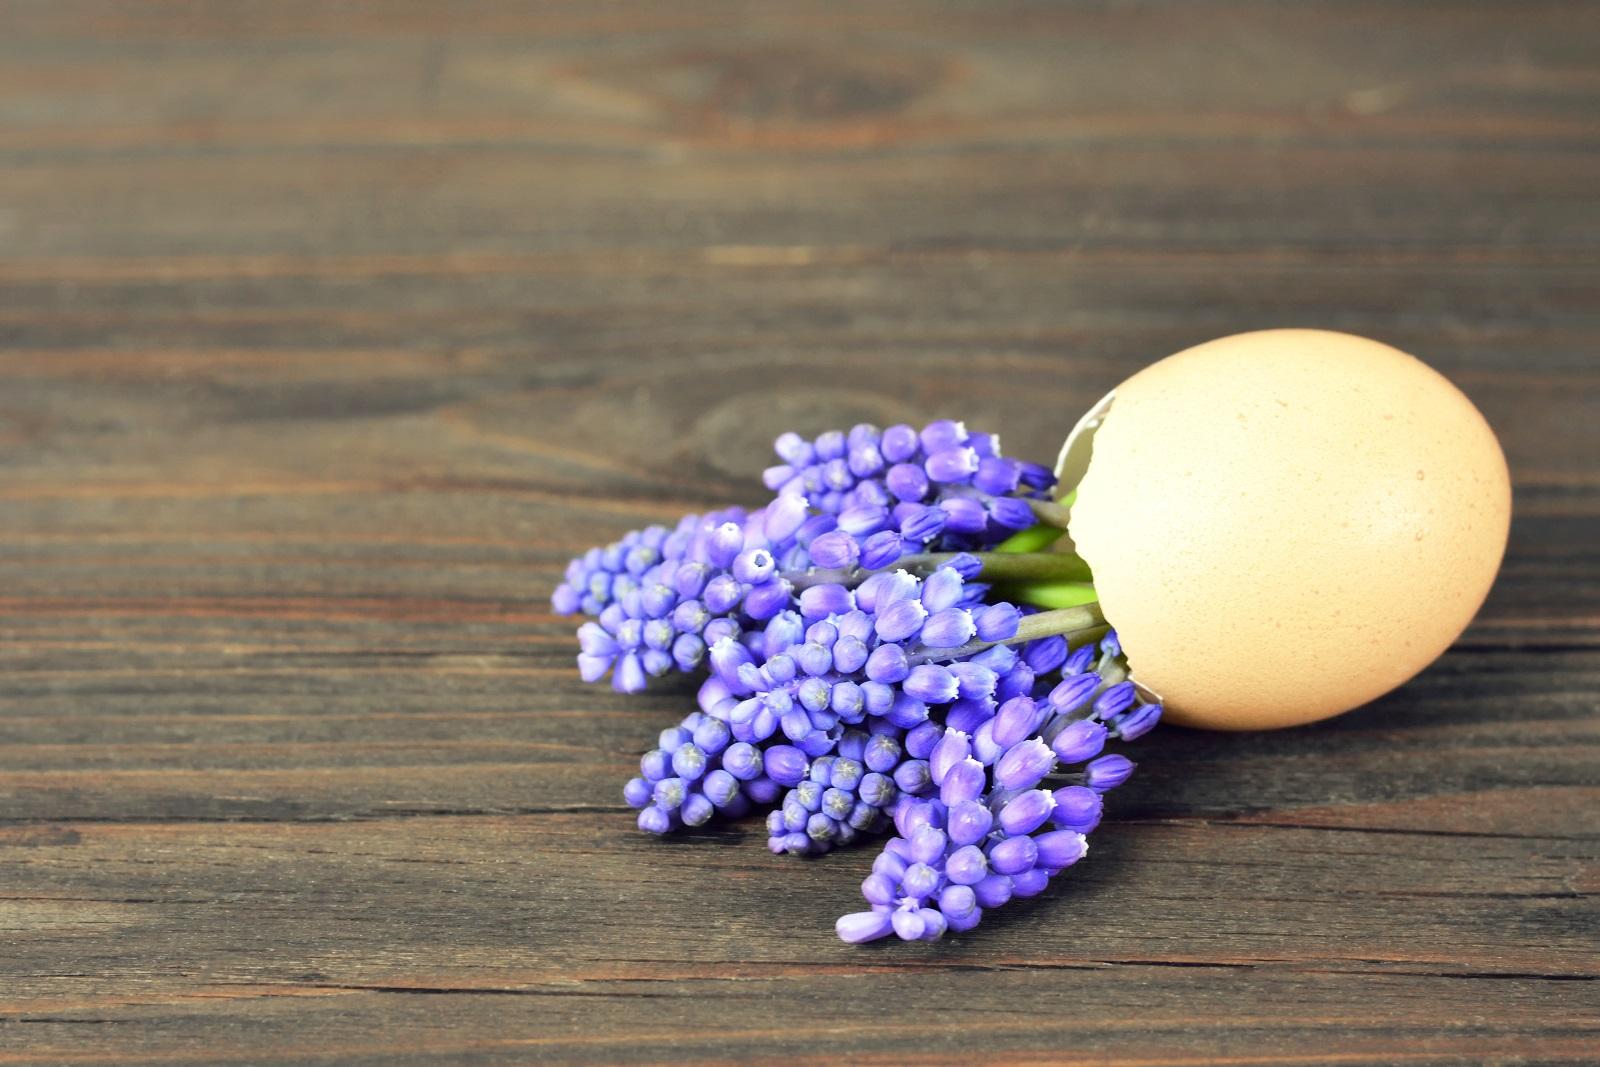 Може да е изкуствено или истинско - важно е само да се съобразите с размера на черупката, за да изглежда като мини букет с цветя в нестандартна вазичка.